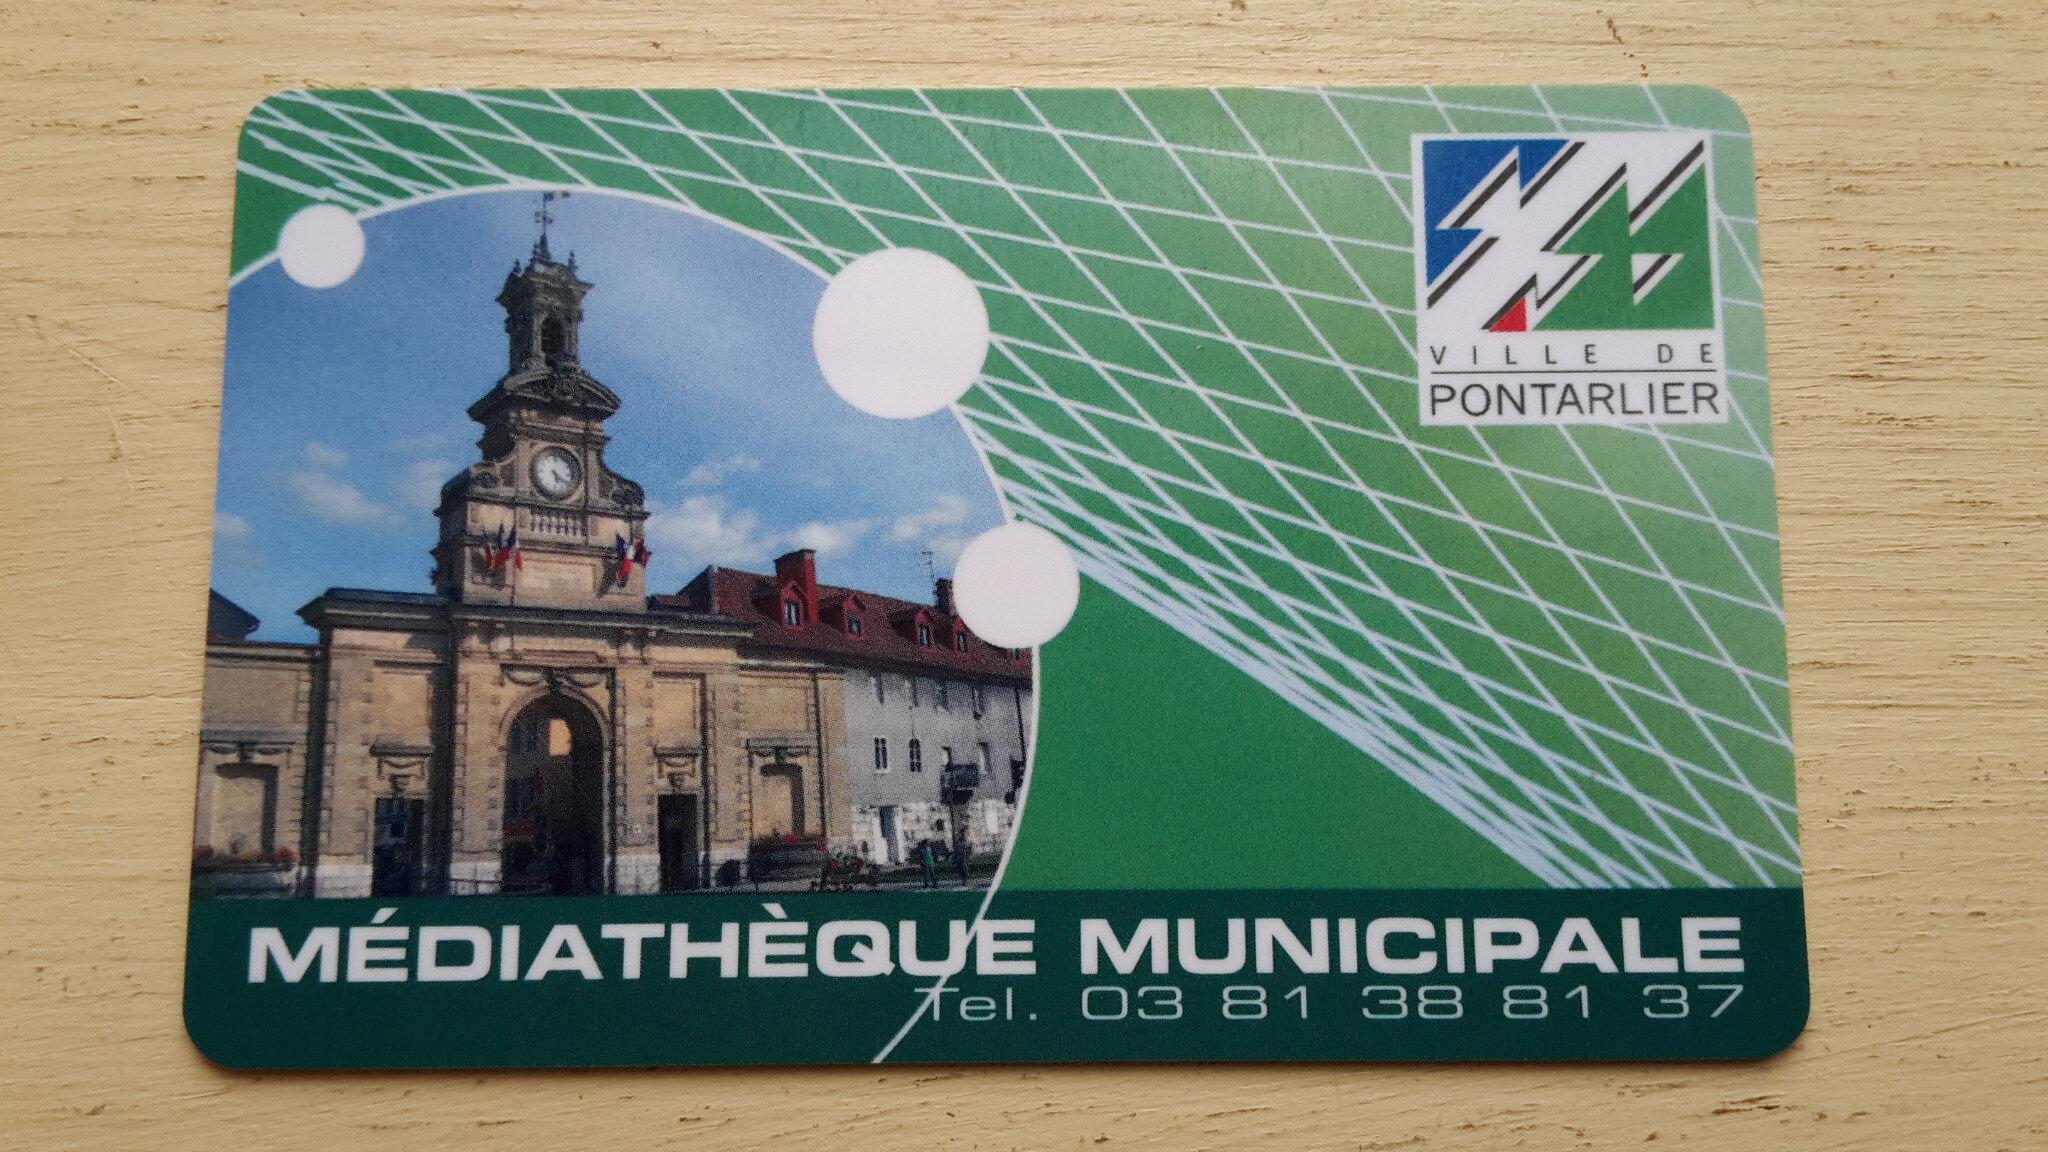 Médiathèque municipale de Pontarlier